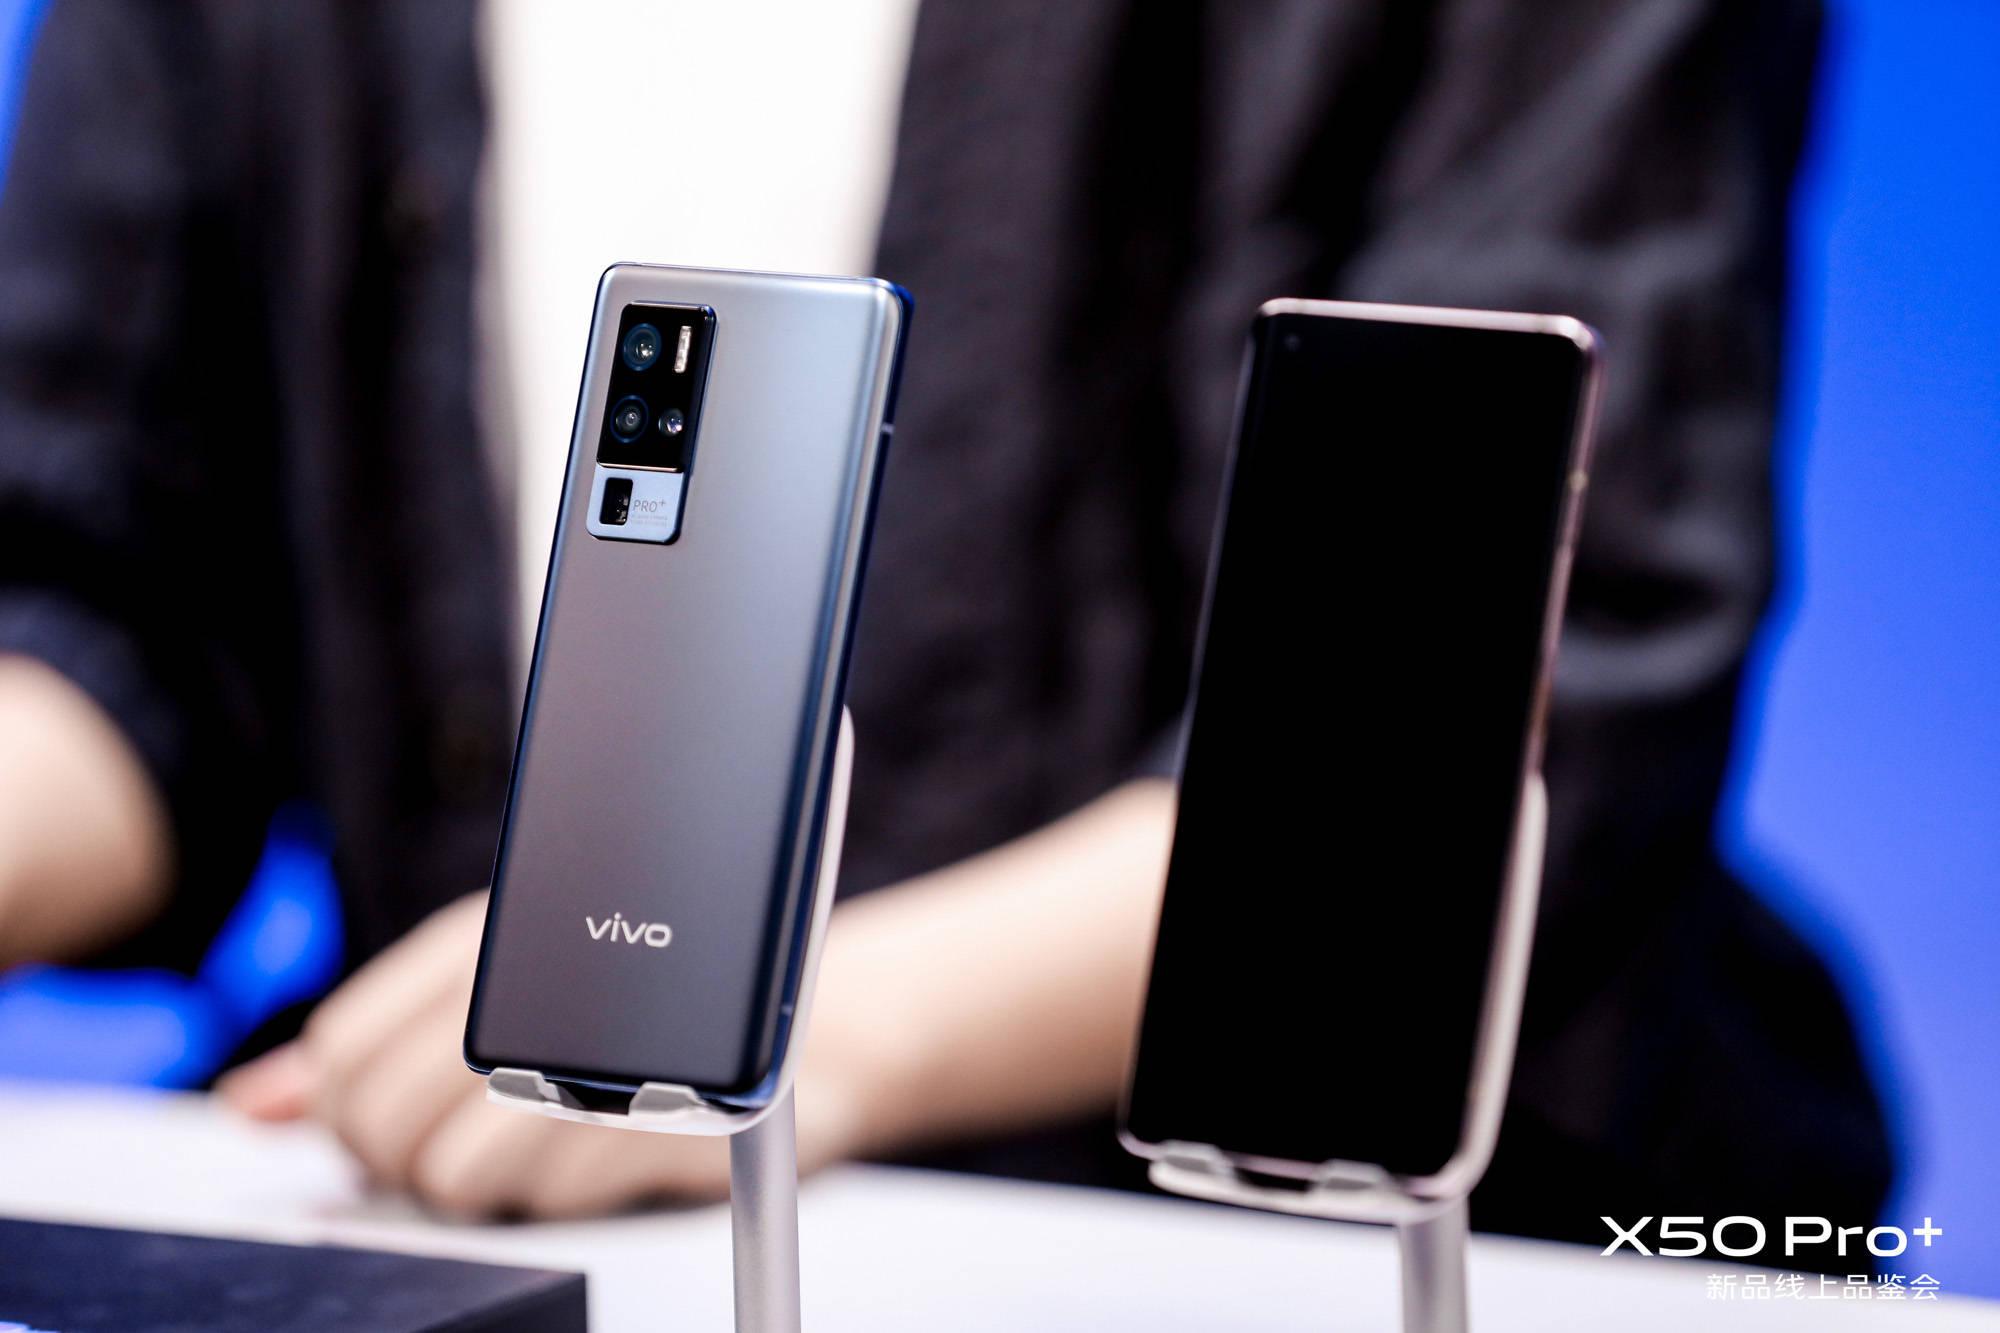 超大底+高清1亿模式,vivo X50 Pro+打造随身专业摄影手机